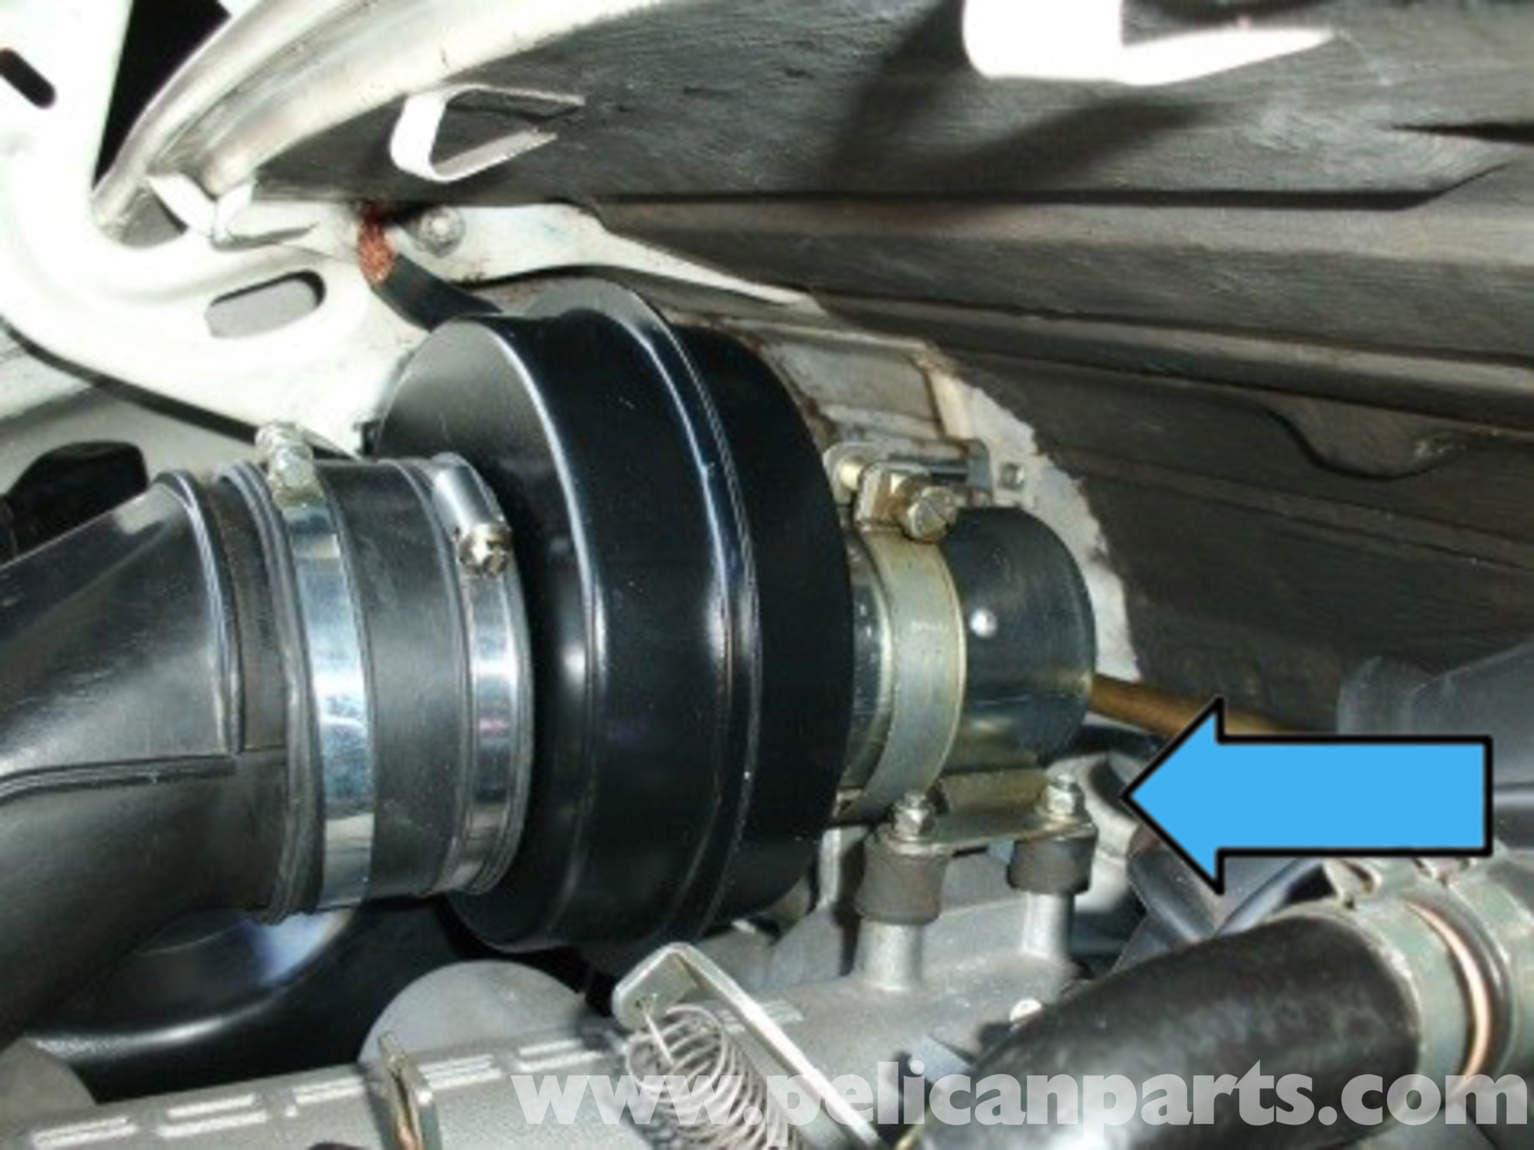 Porsche 911 heater blower motor replacement 911 1965 89 for Heater blower motor replacement